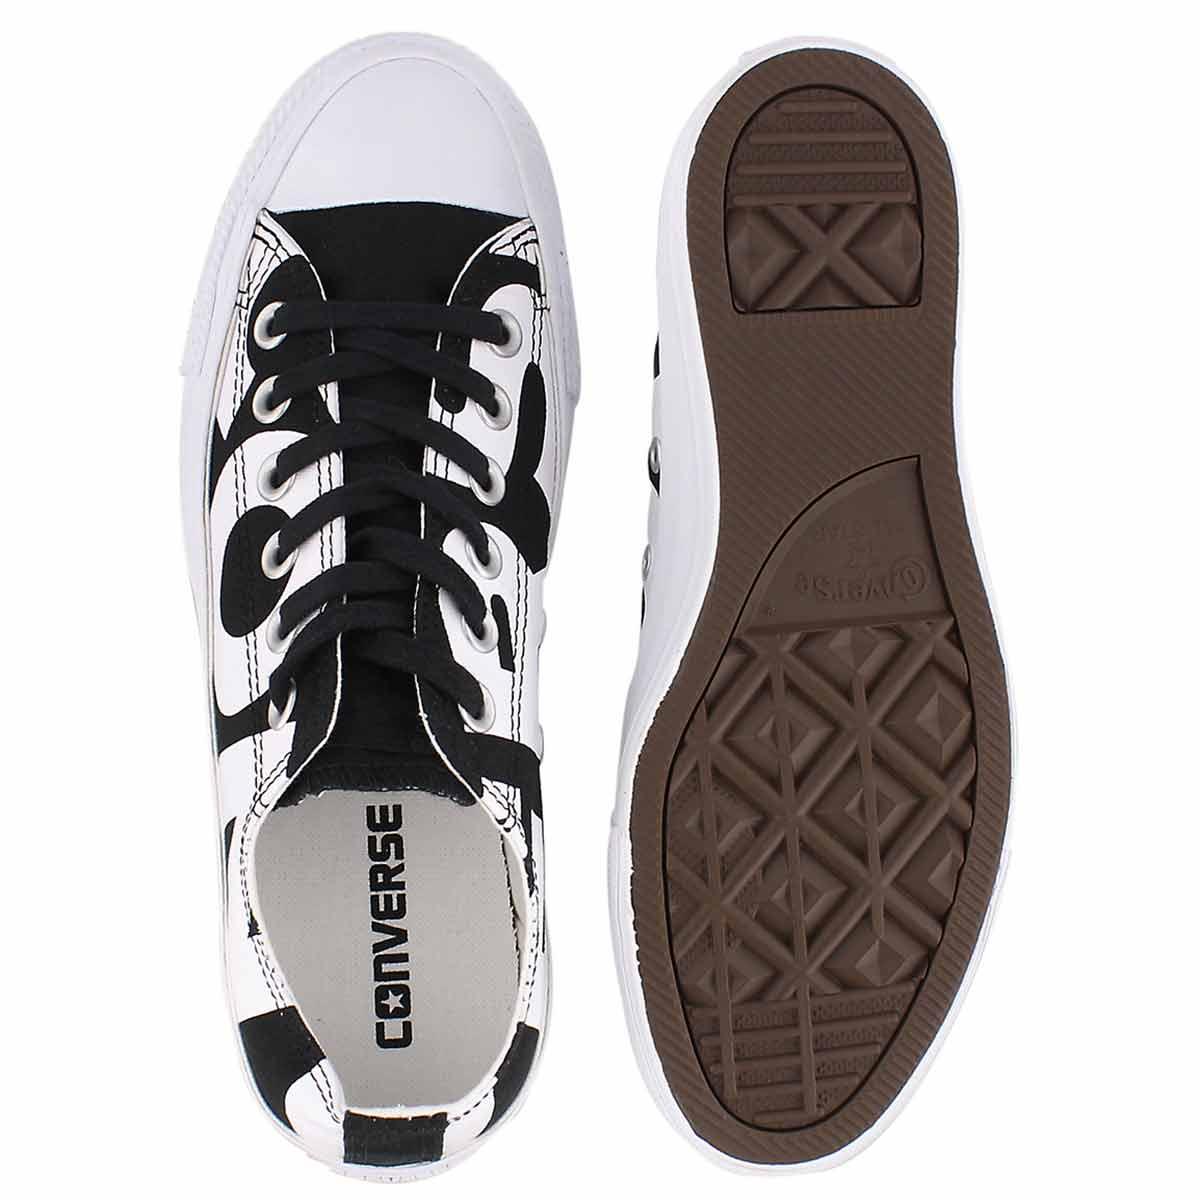 Lds CTAS Wordmark blk/wht sneaker